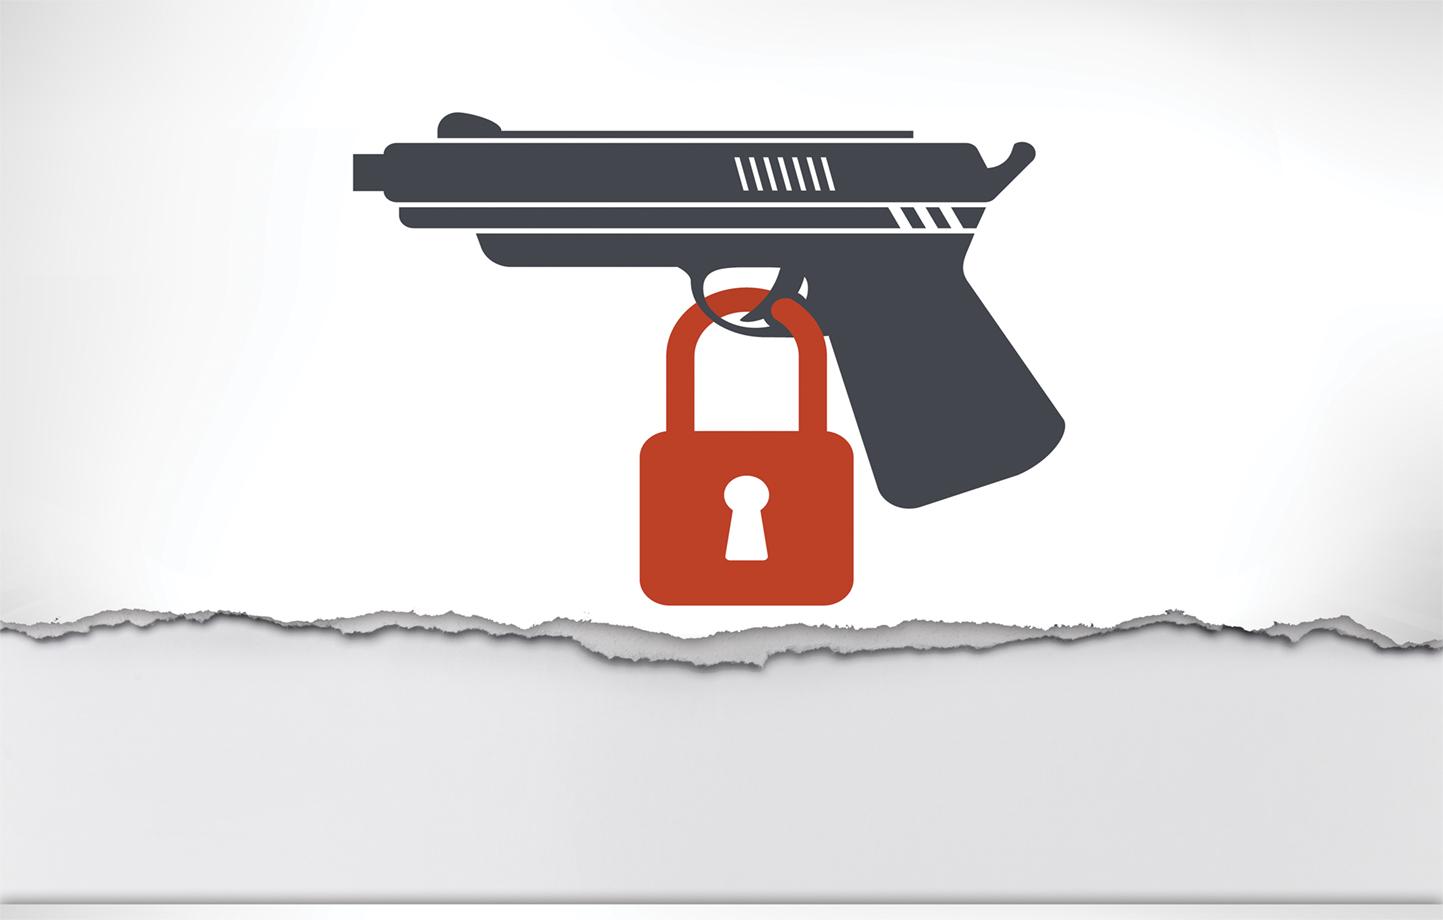 Machine Gun America is Serious About Gun Safety